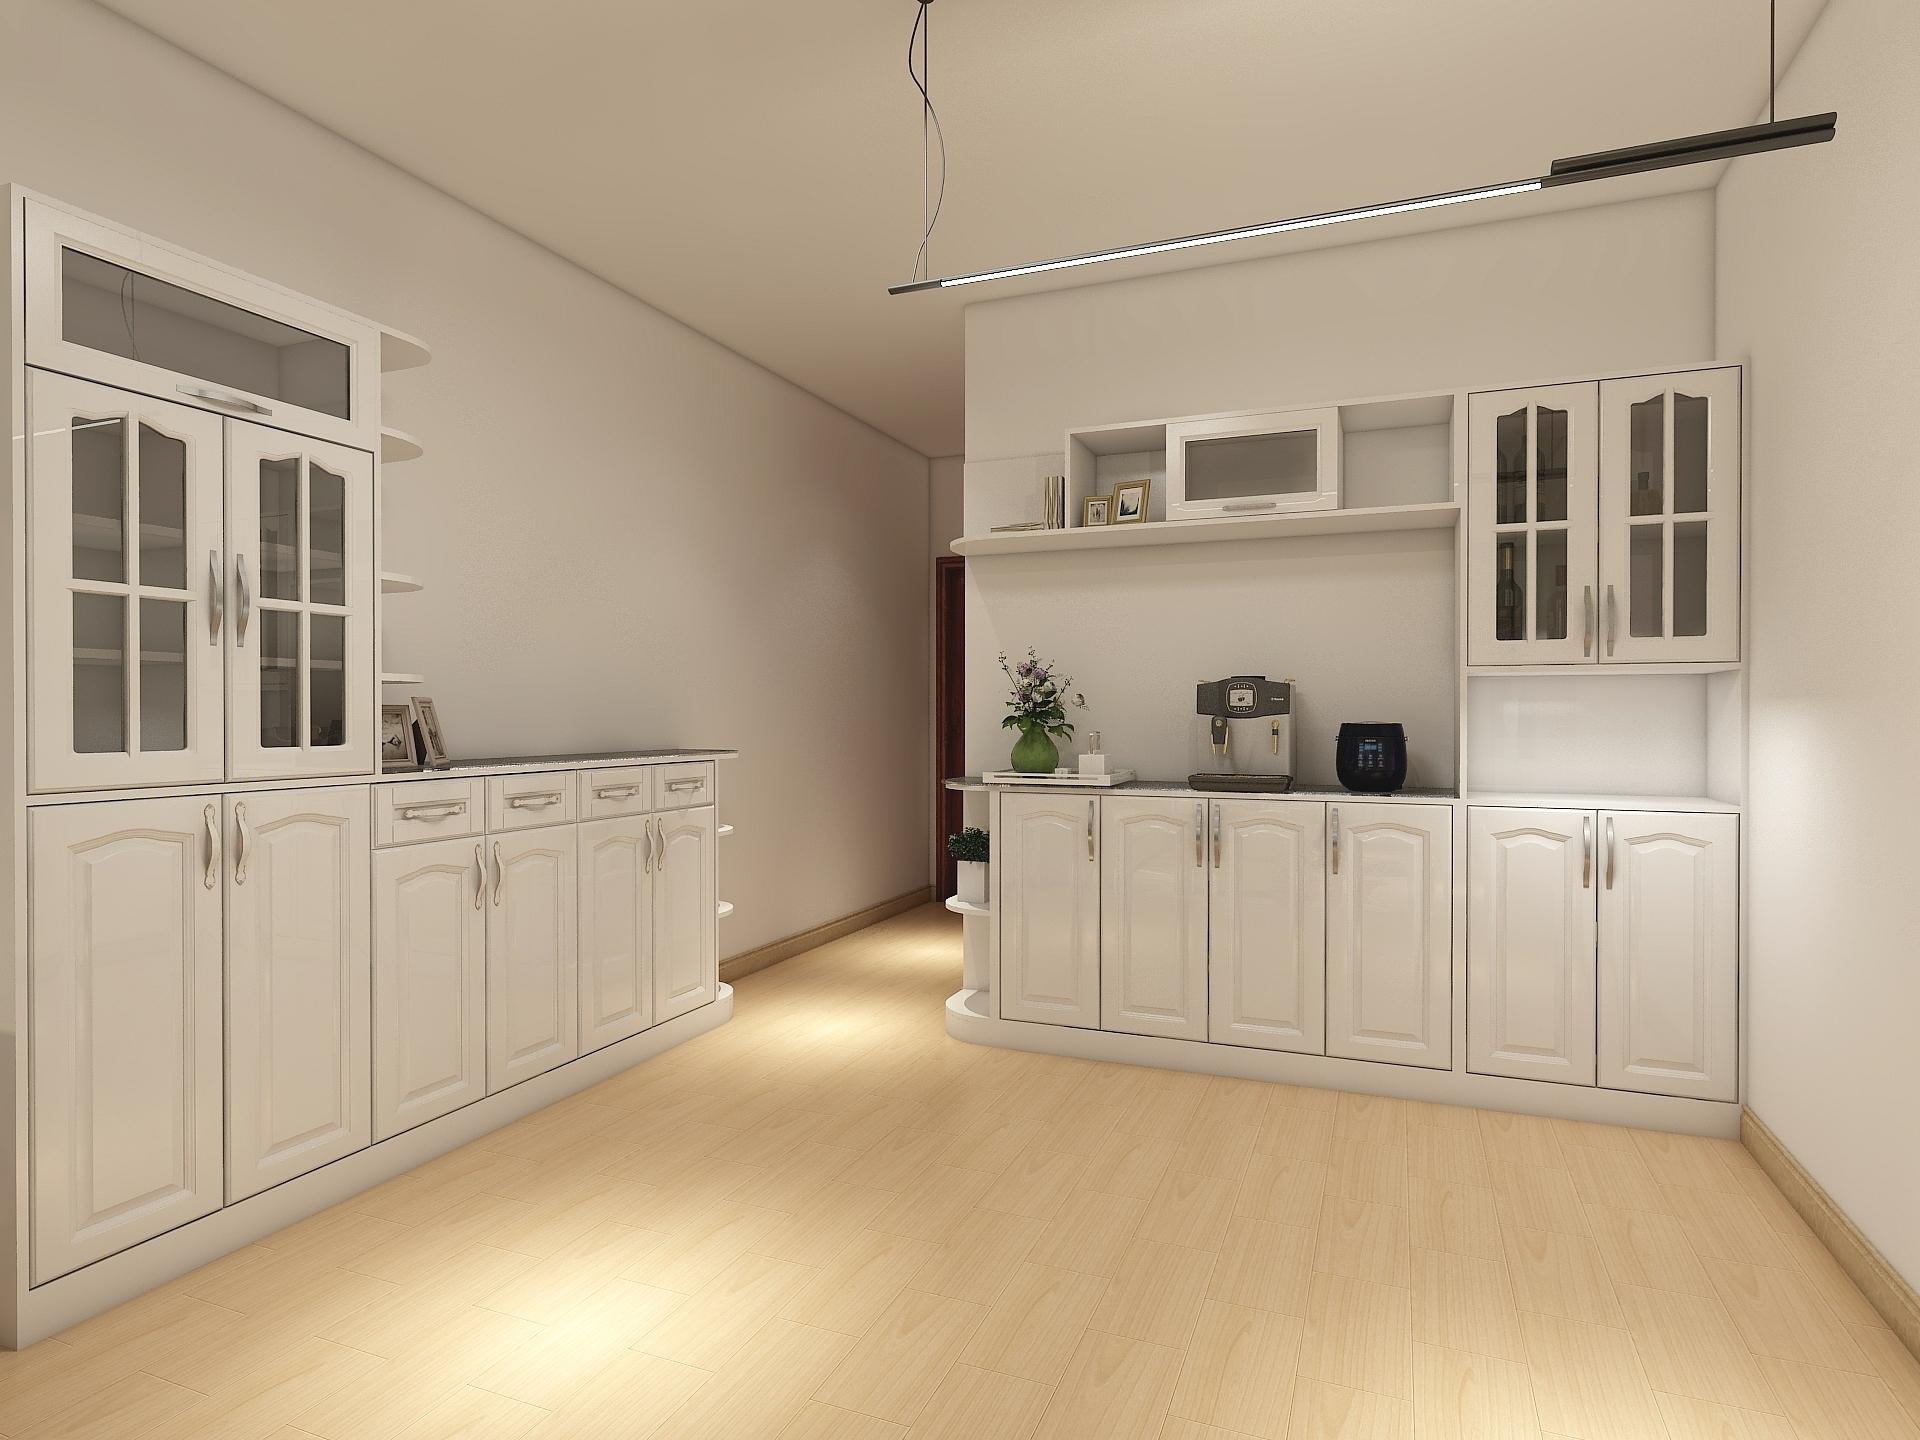 一款简欧风格的鞋柜和餐边柜的组全,全部采用暖白色,走道 边巧妙地